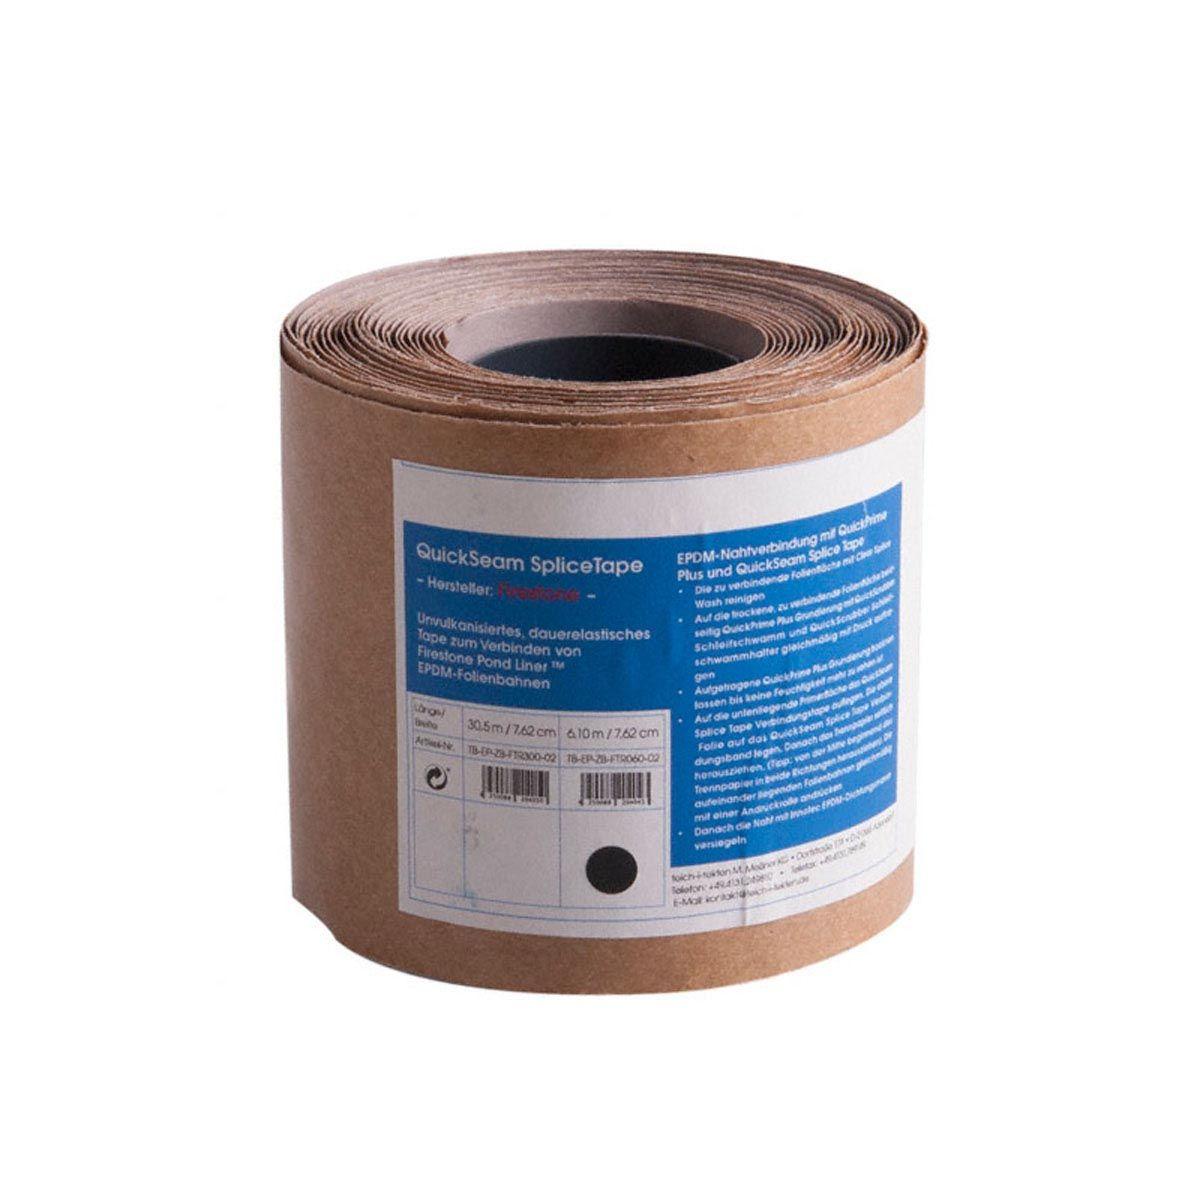 Nahtband QuickSeam Splice Tape, vulkanisierend und dauerelastisch, 7.62 x 0.076 m